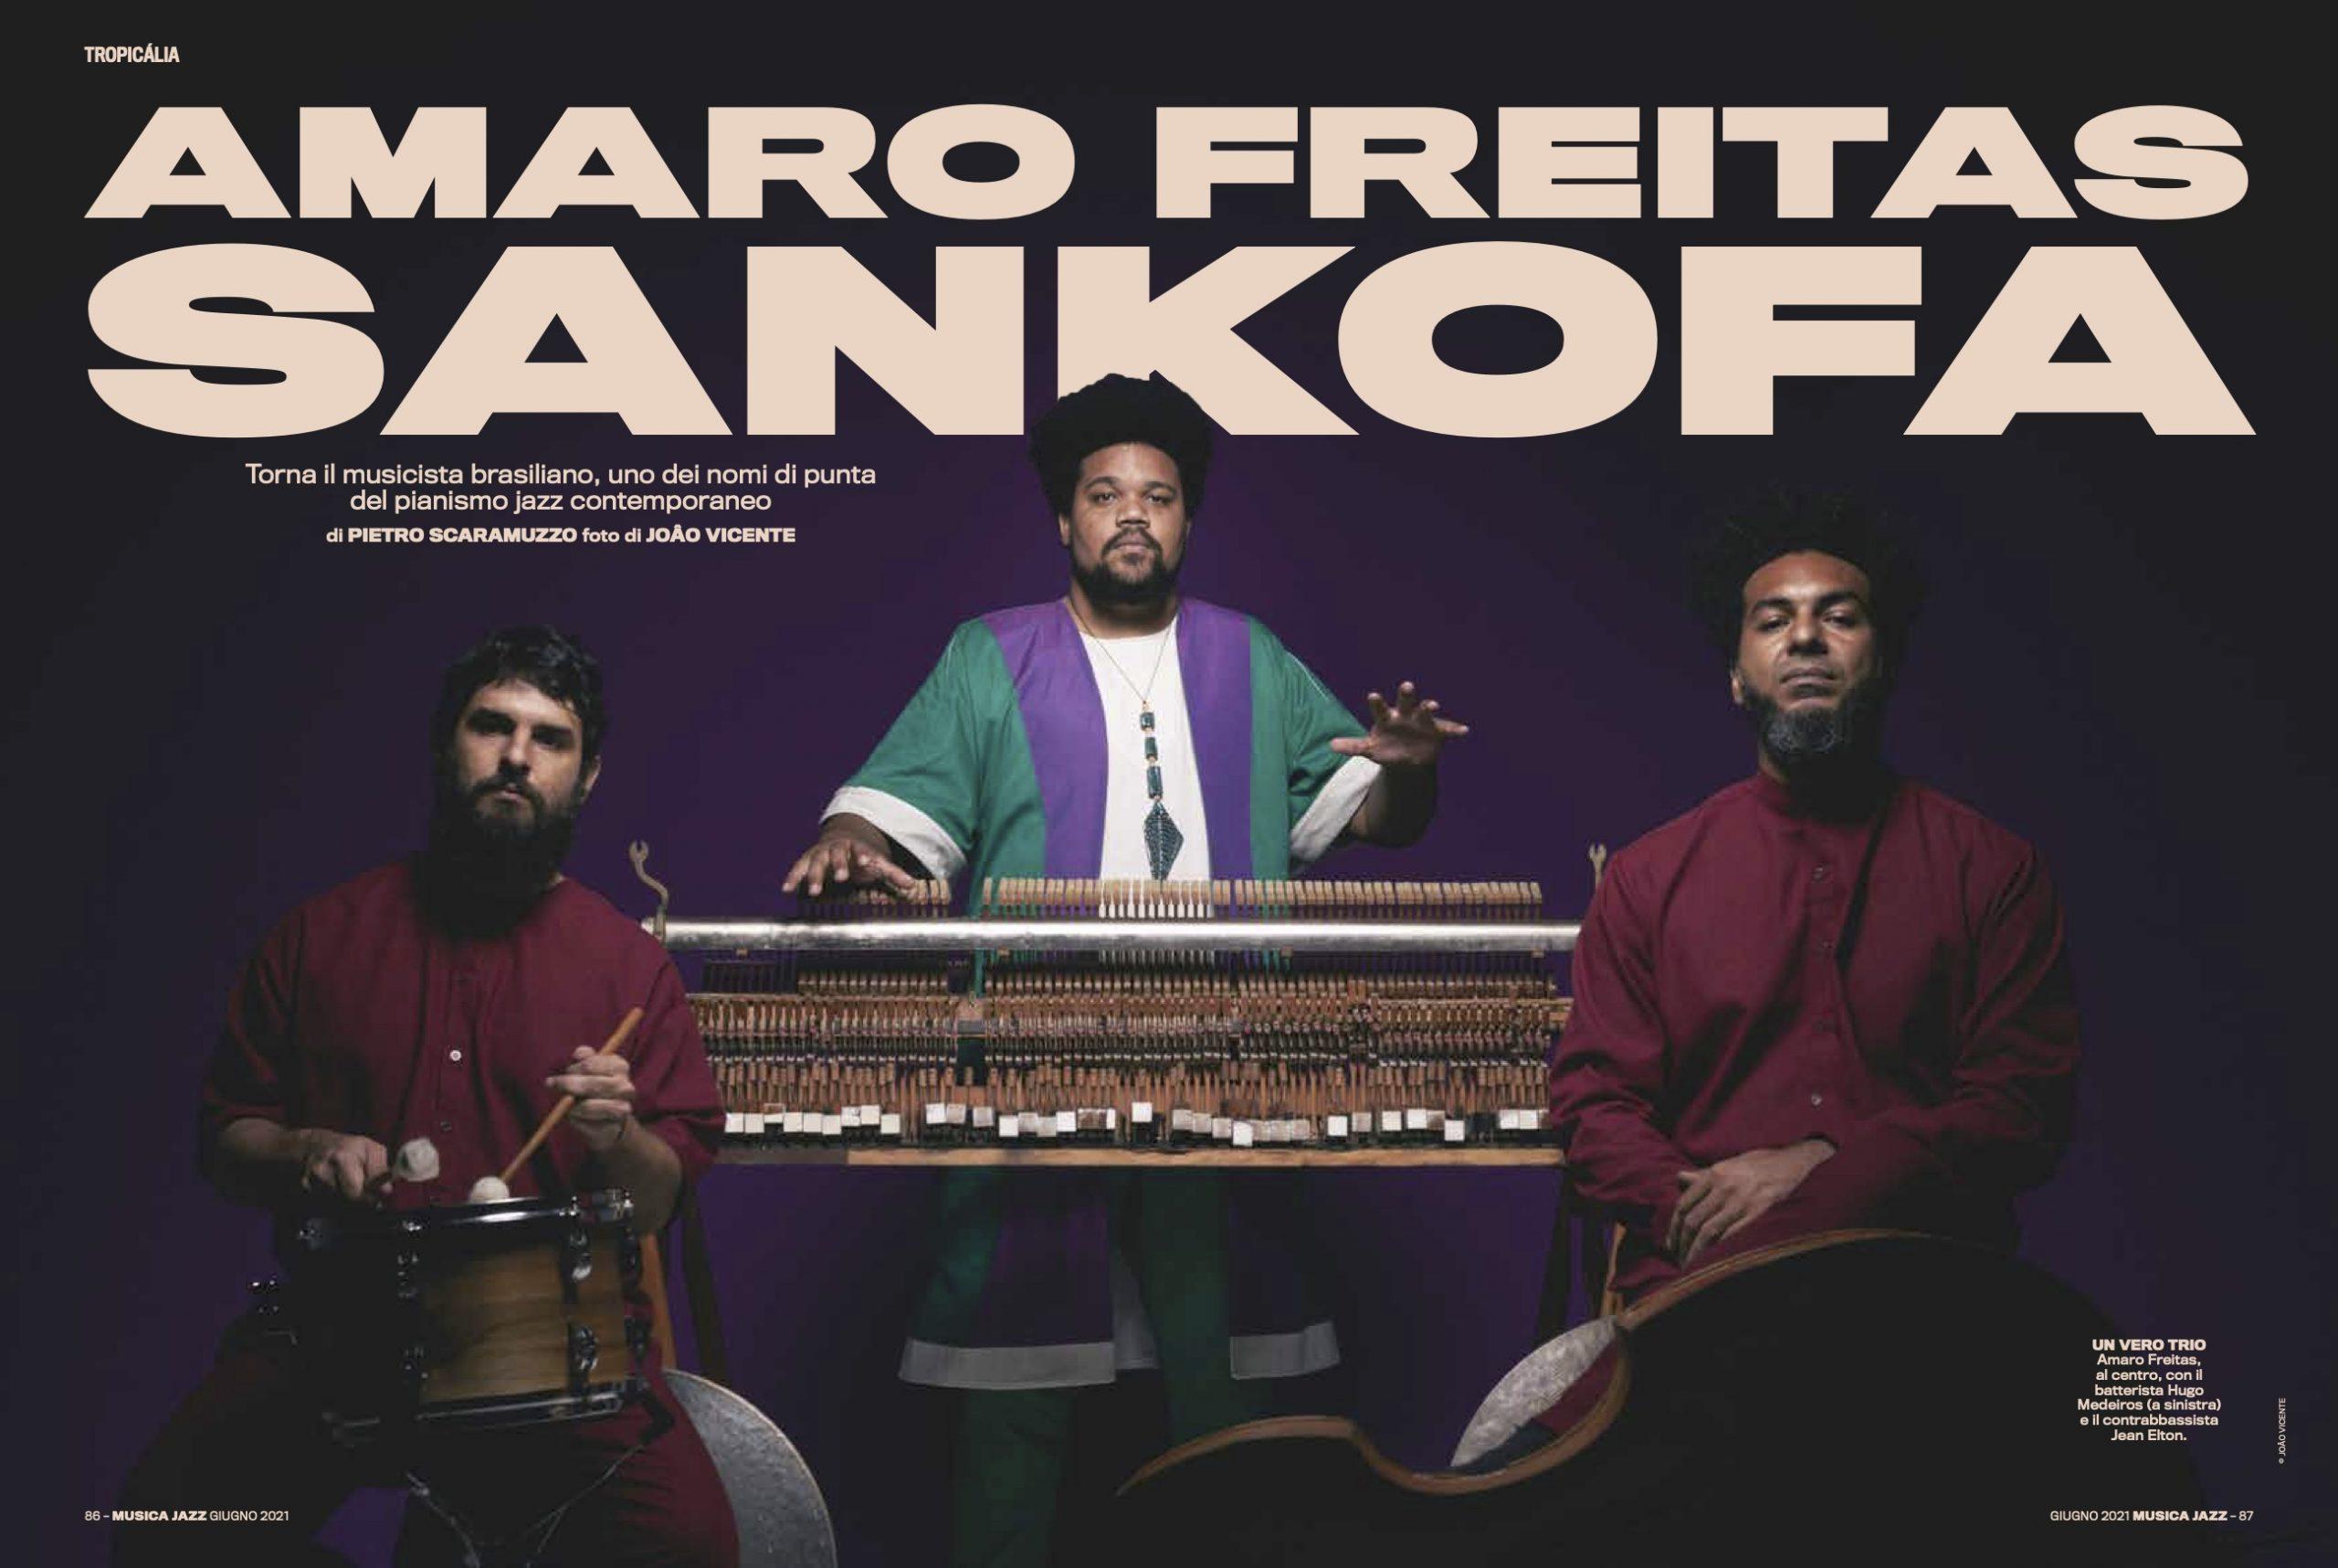 Amaro Freitas